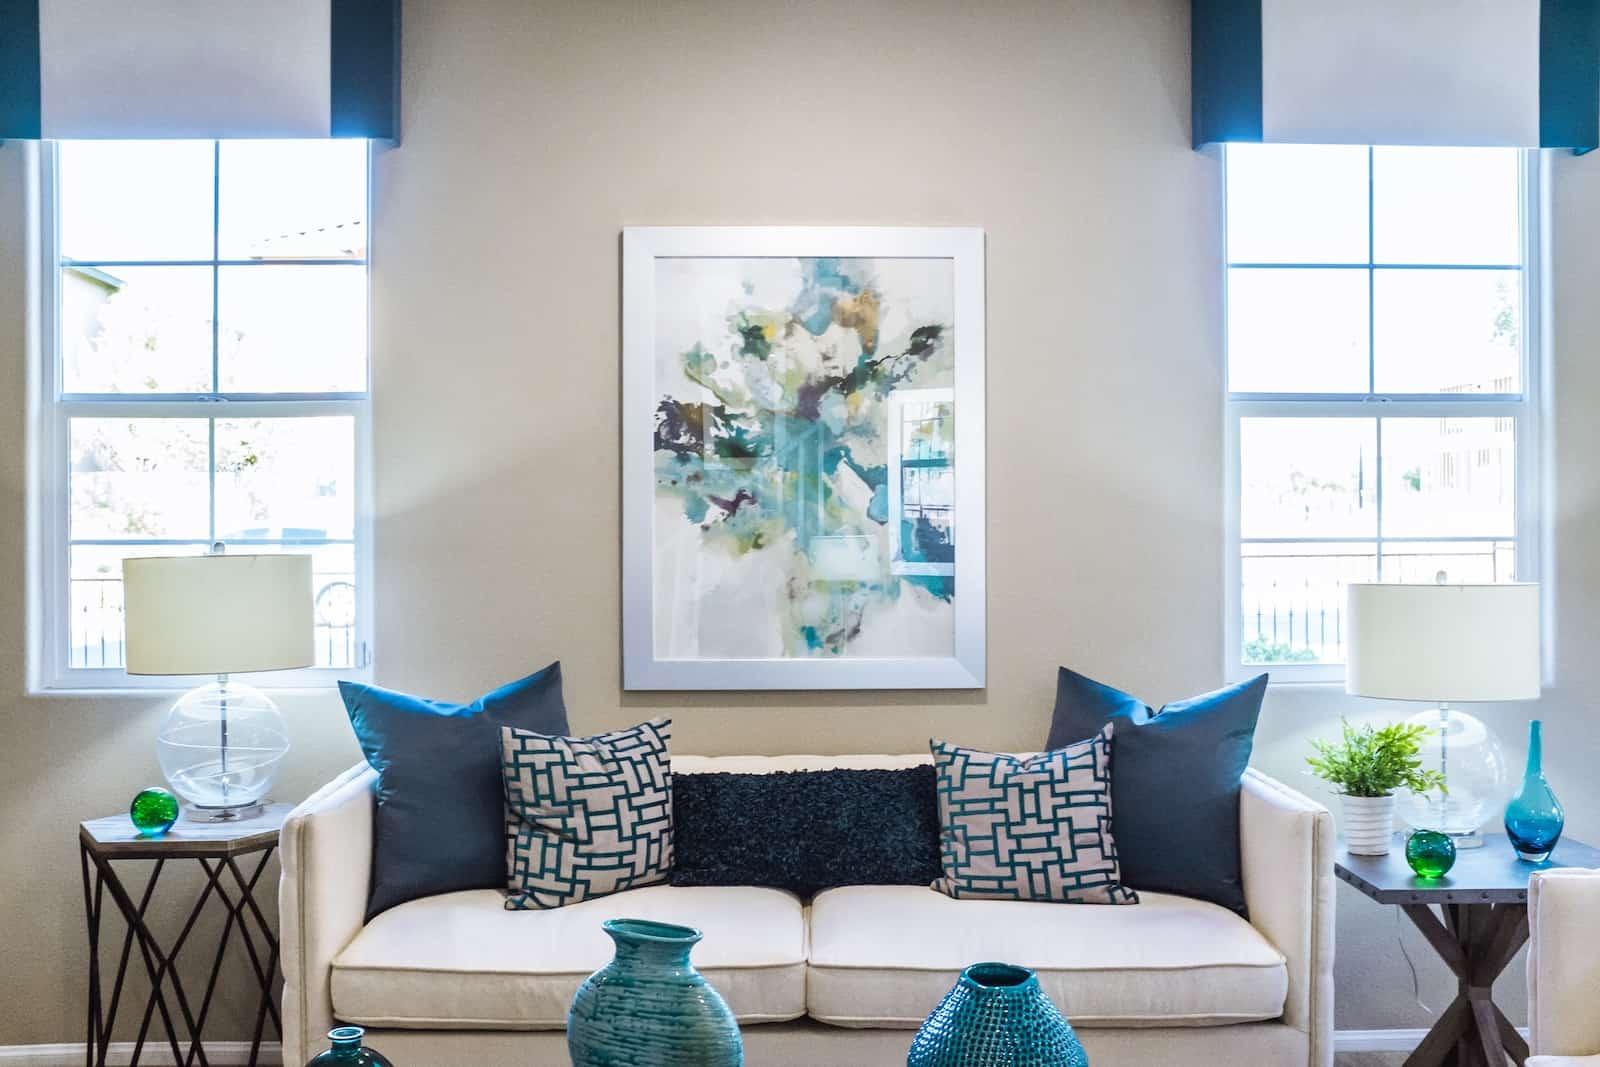 Oturma Odası Duvarlarınızı Dekore Etmek İçin 22 Fikir